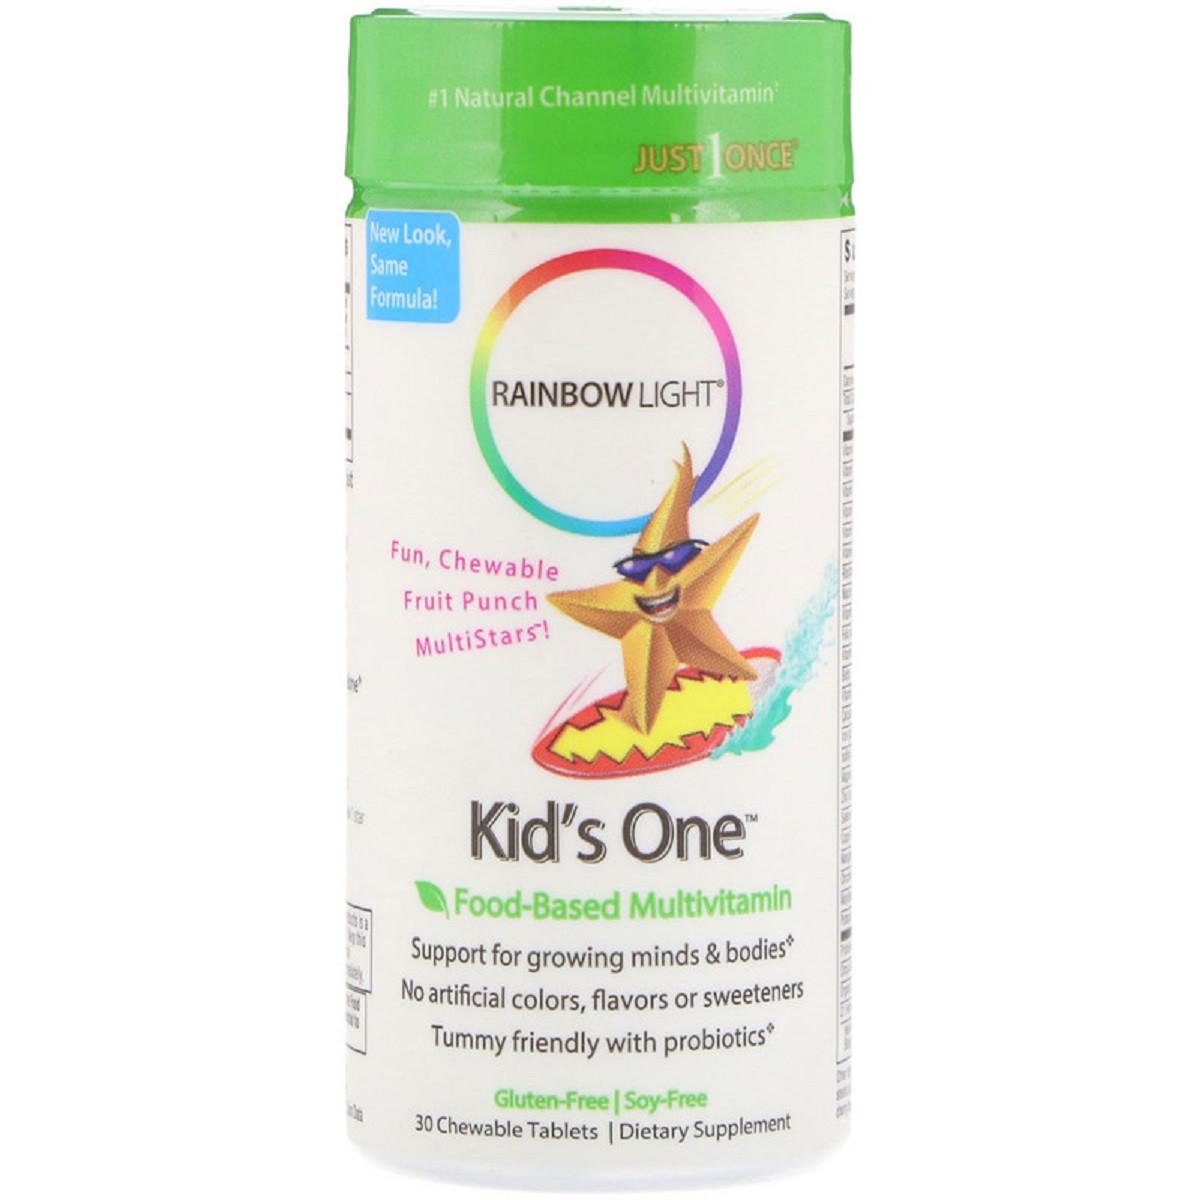 Мультивитамины Для Детей, Kid's One, Rainbow Light, Фруктовый Пунш, 30 жевательных таблеток